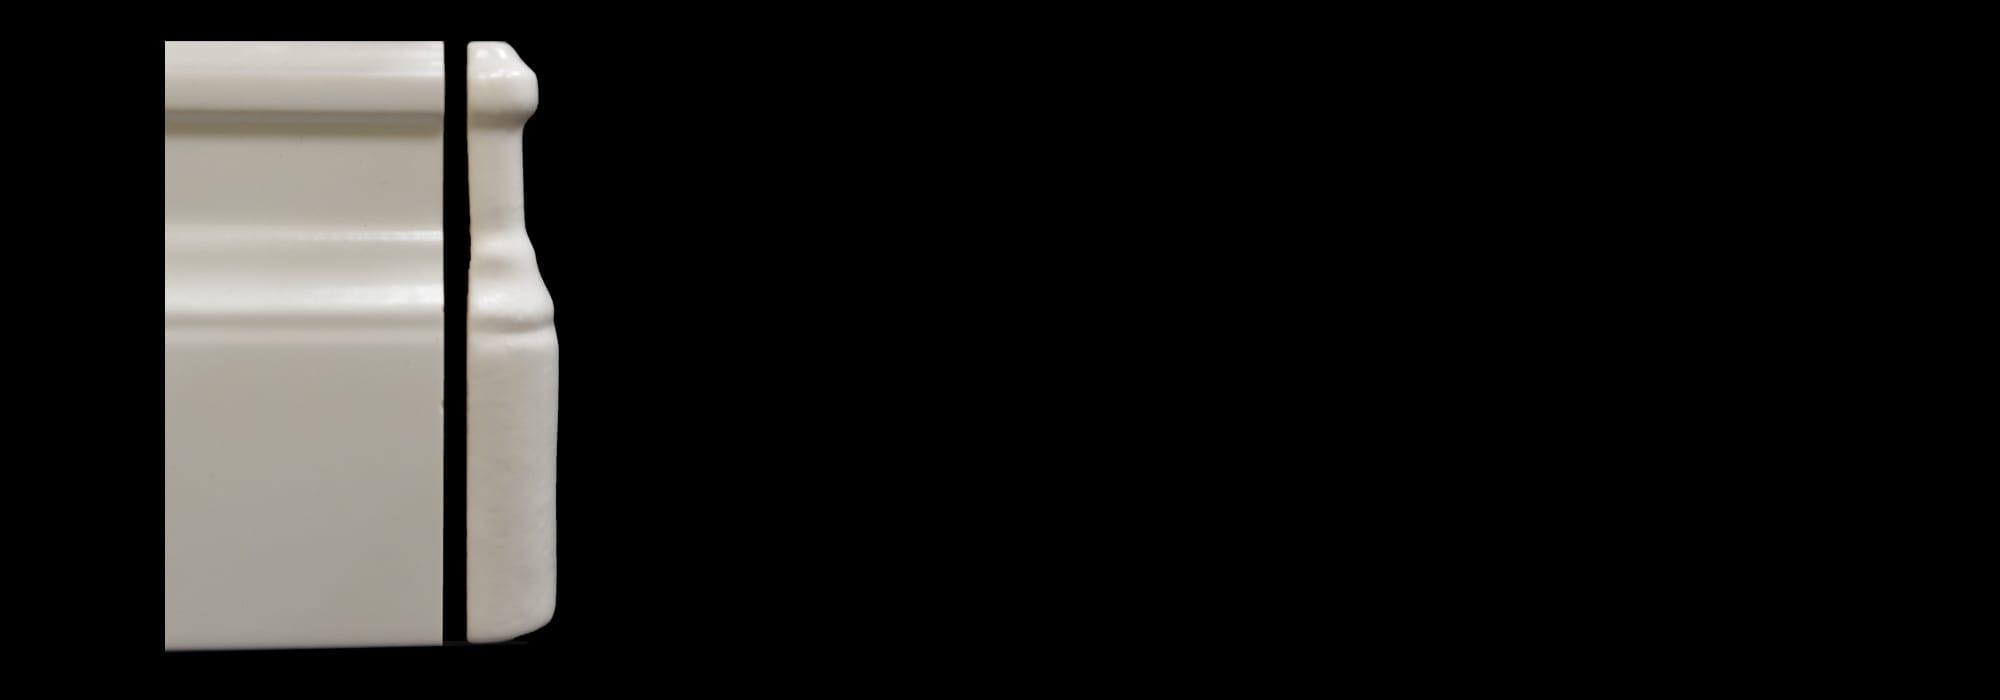 פינה לפנל קרמיקה לבן מט (דגם 1) by Milstone